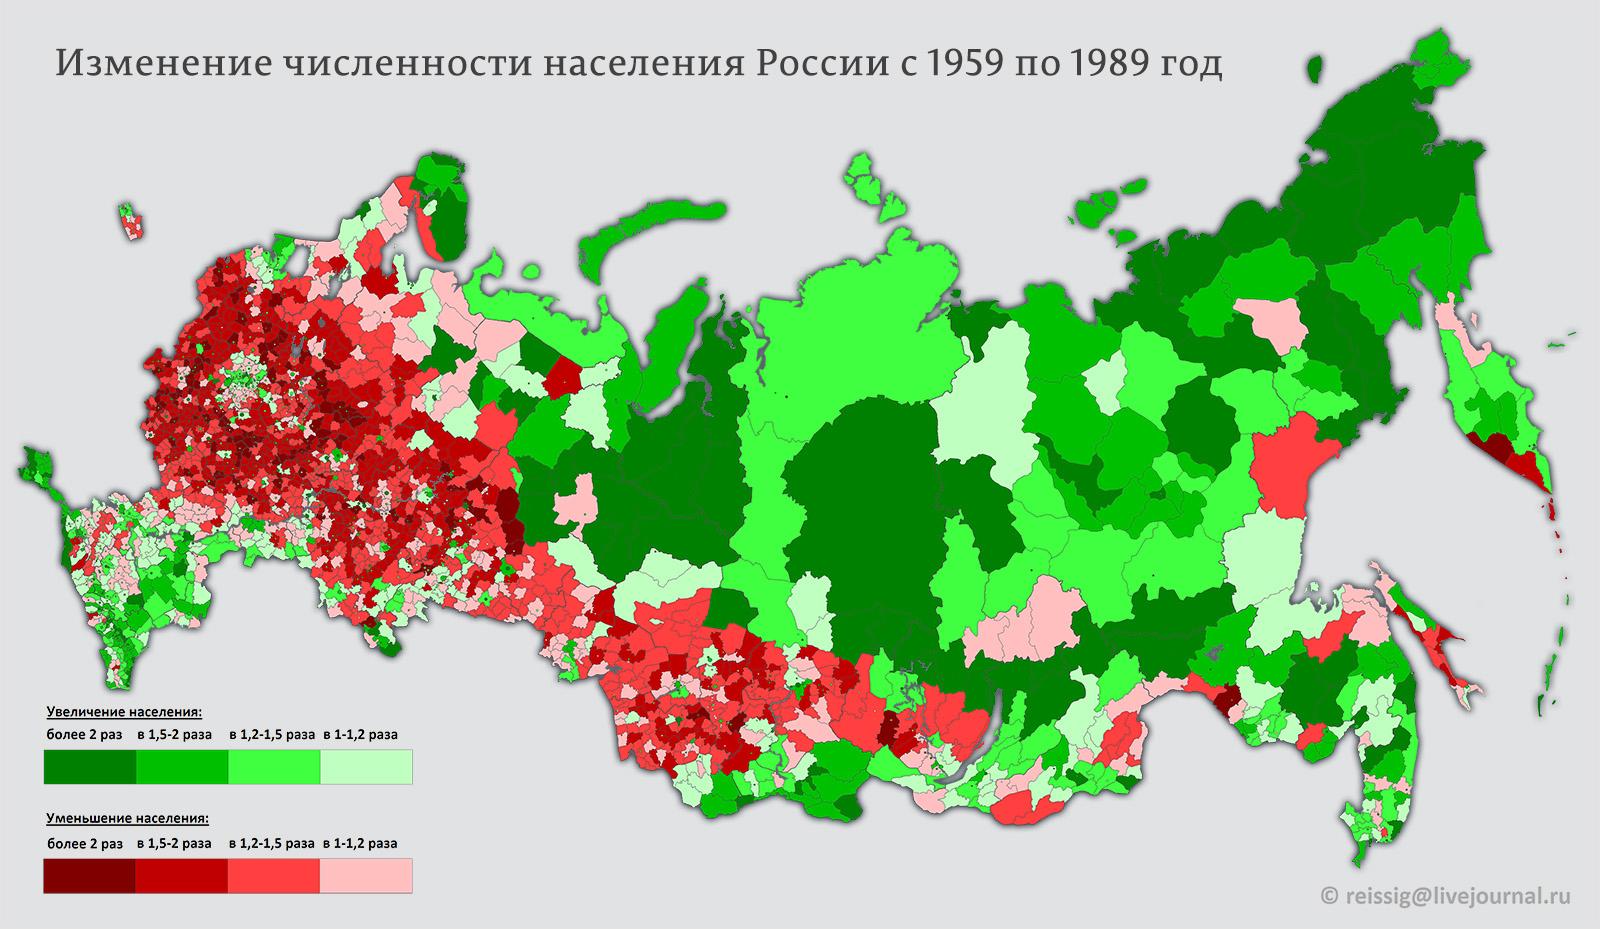 Изменение численности населения с 1959 по 1989 год